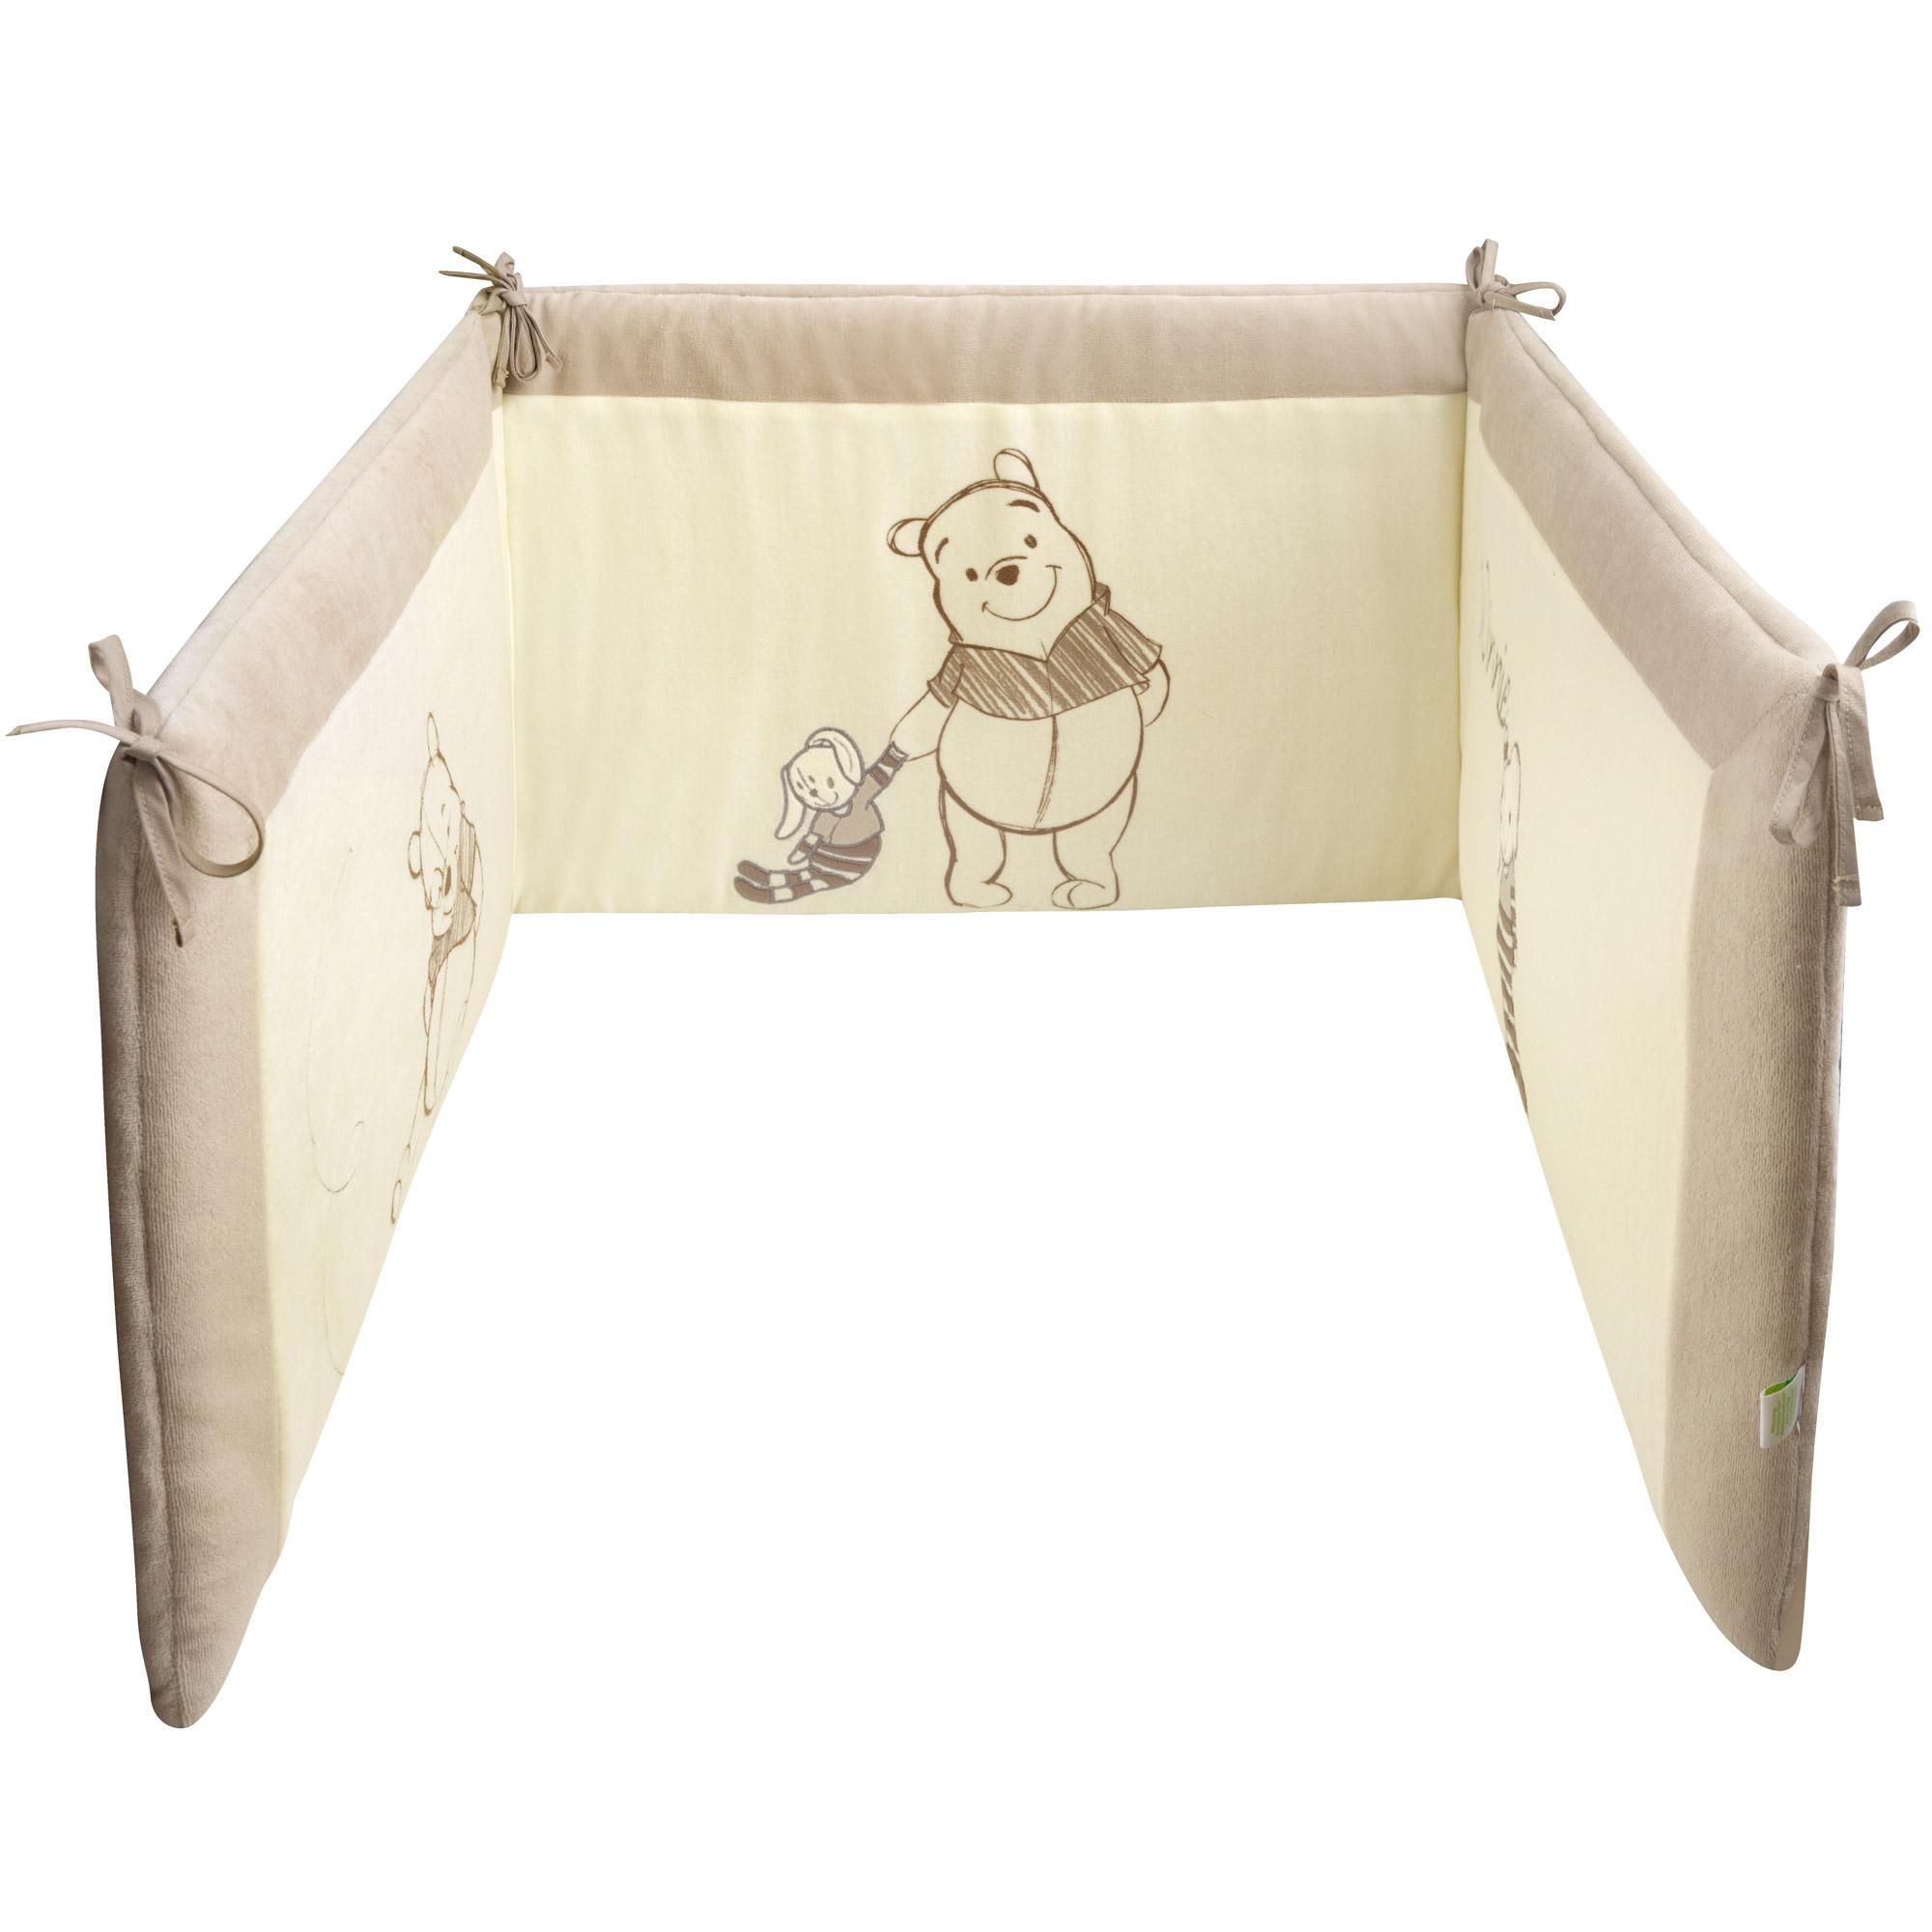 Winnie New tour de lit Ecru Beige de Disney Baby, Tours de lit : Aubert